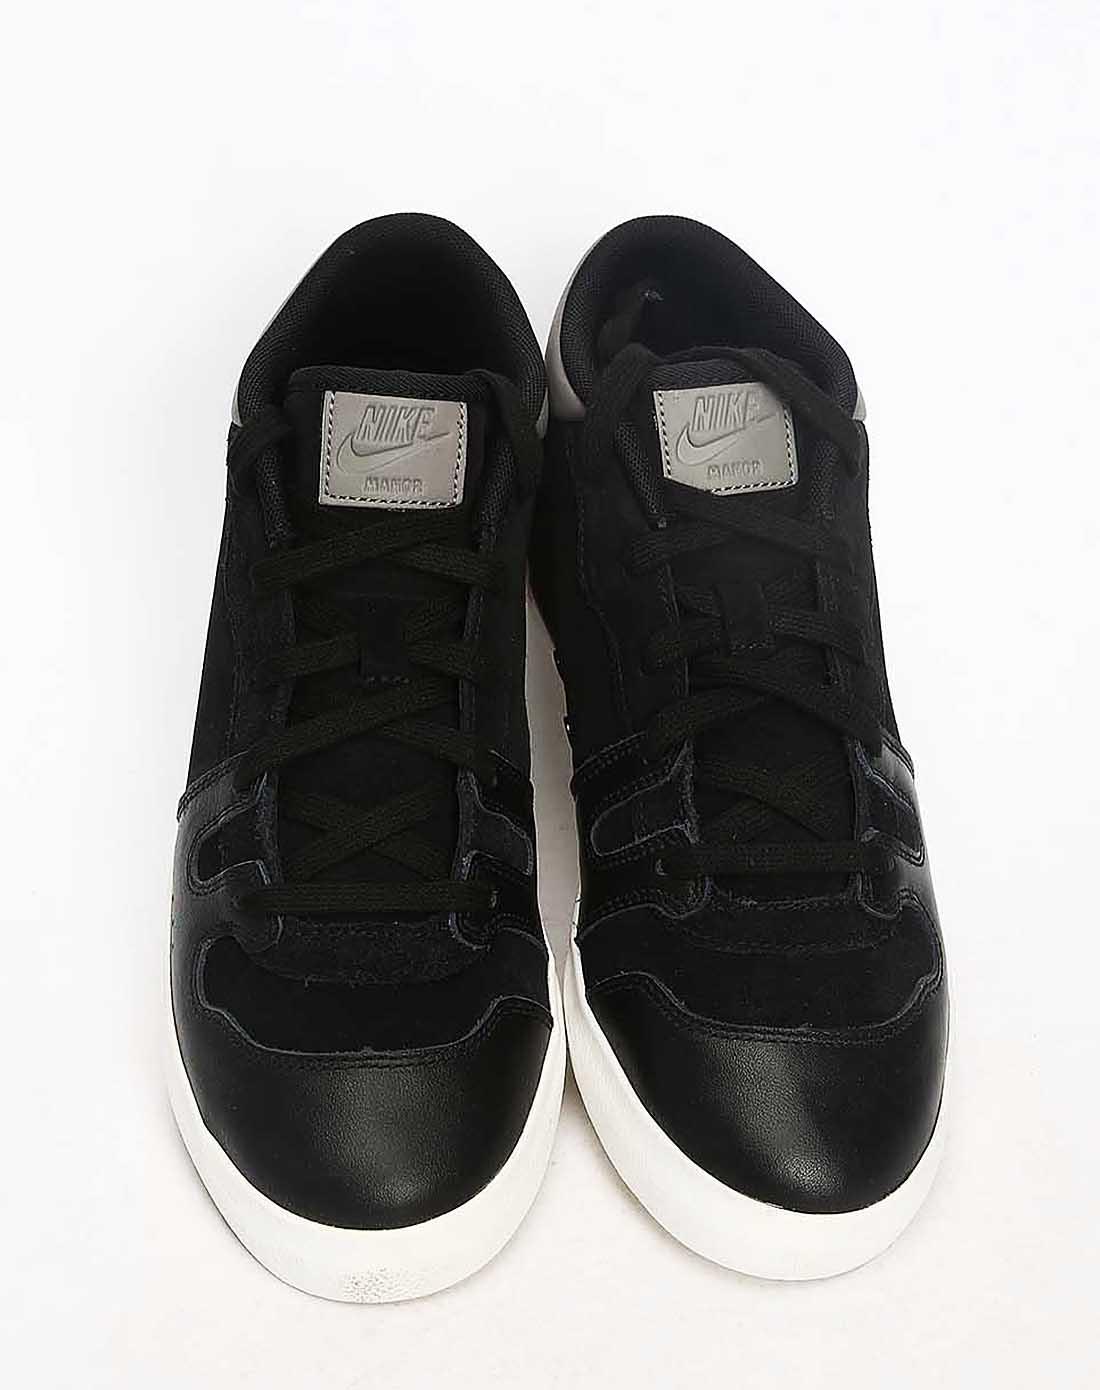 耐克男子黑色复古鞋